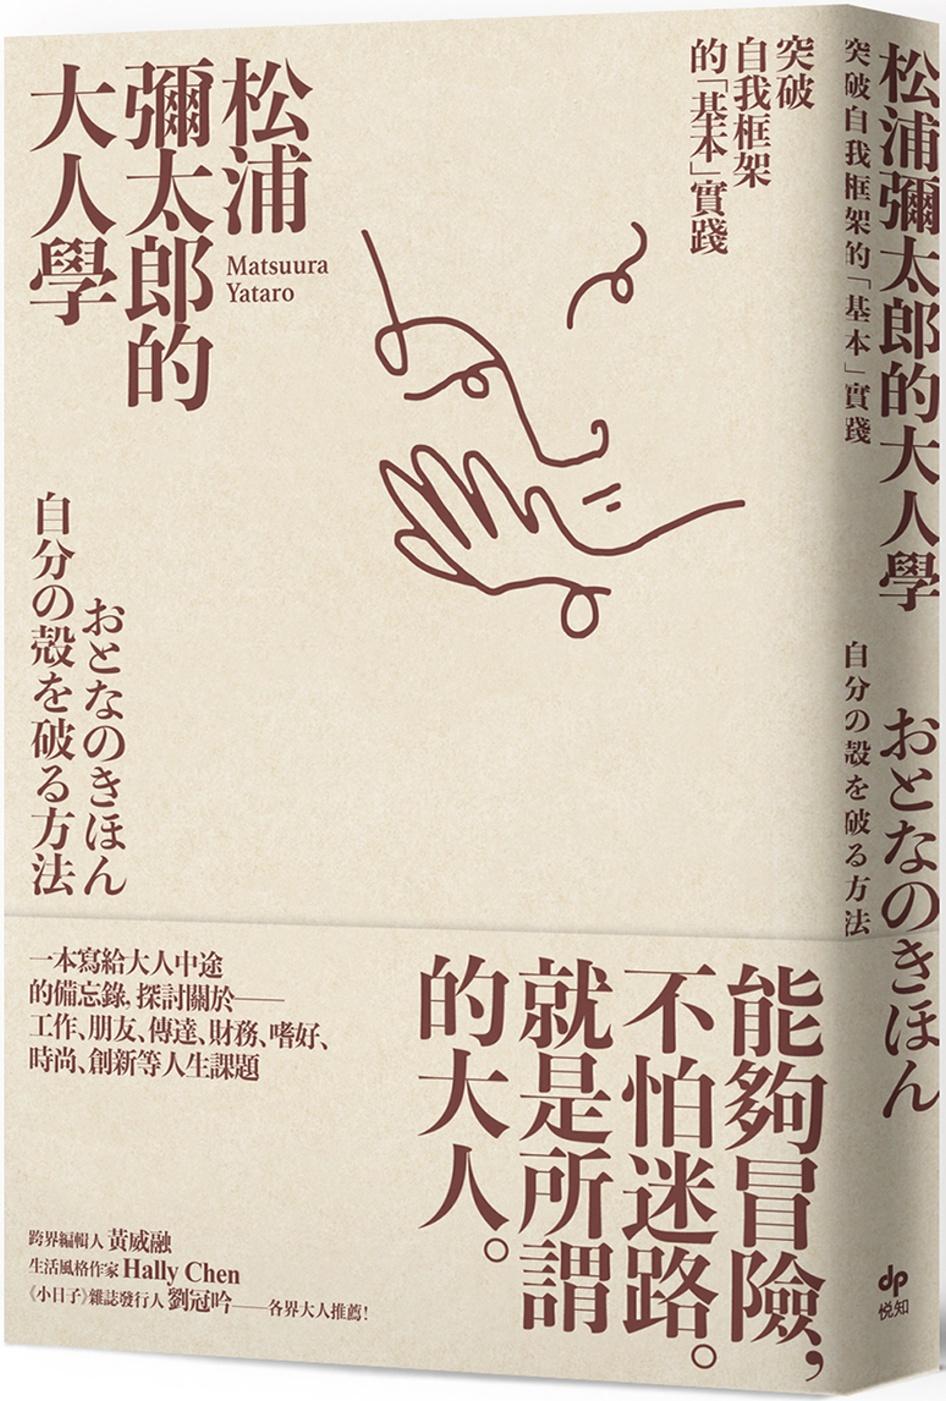 松浦彌太郎的大人學:突破自我框架的「基本」實踐